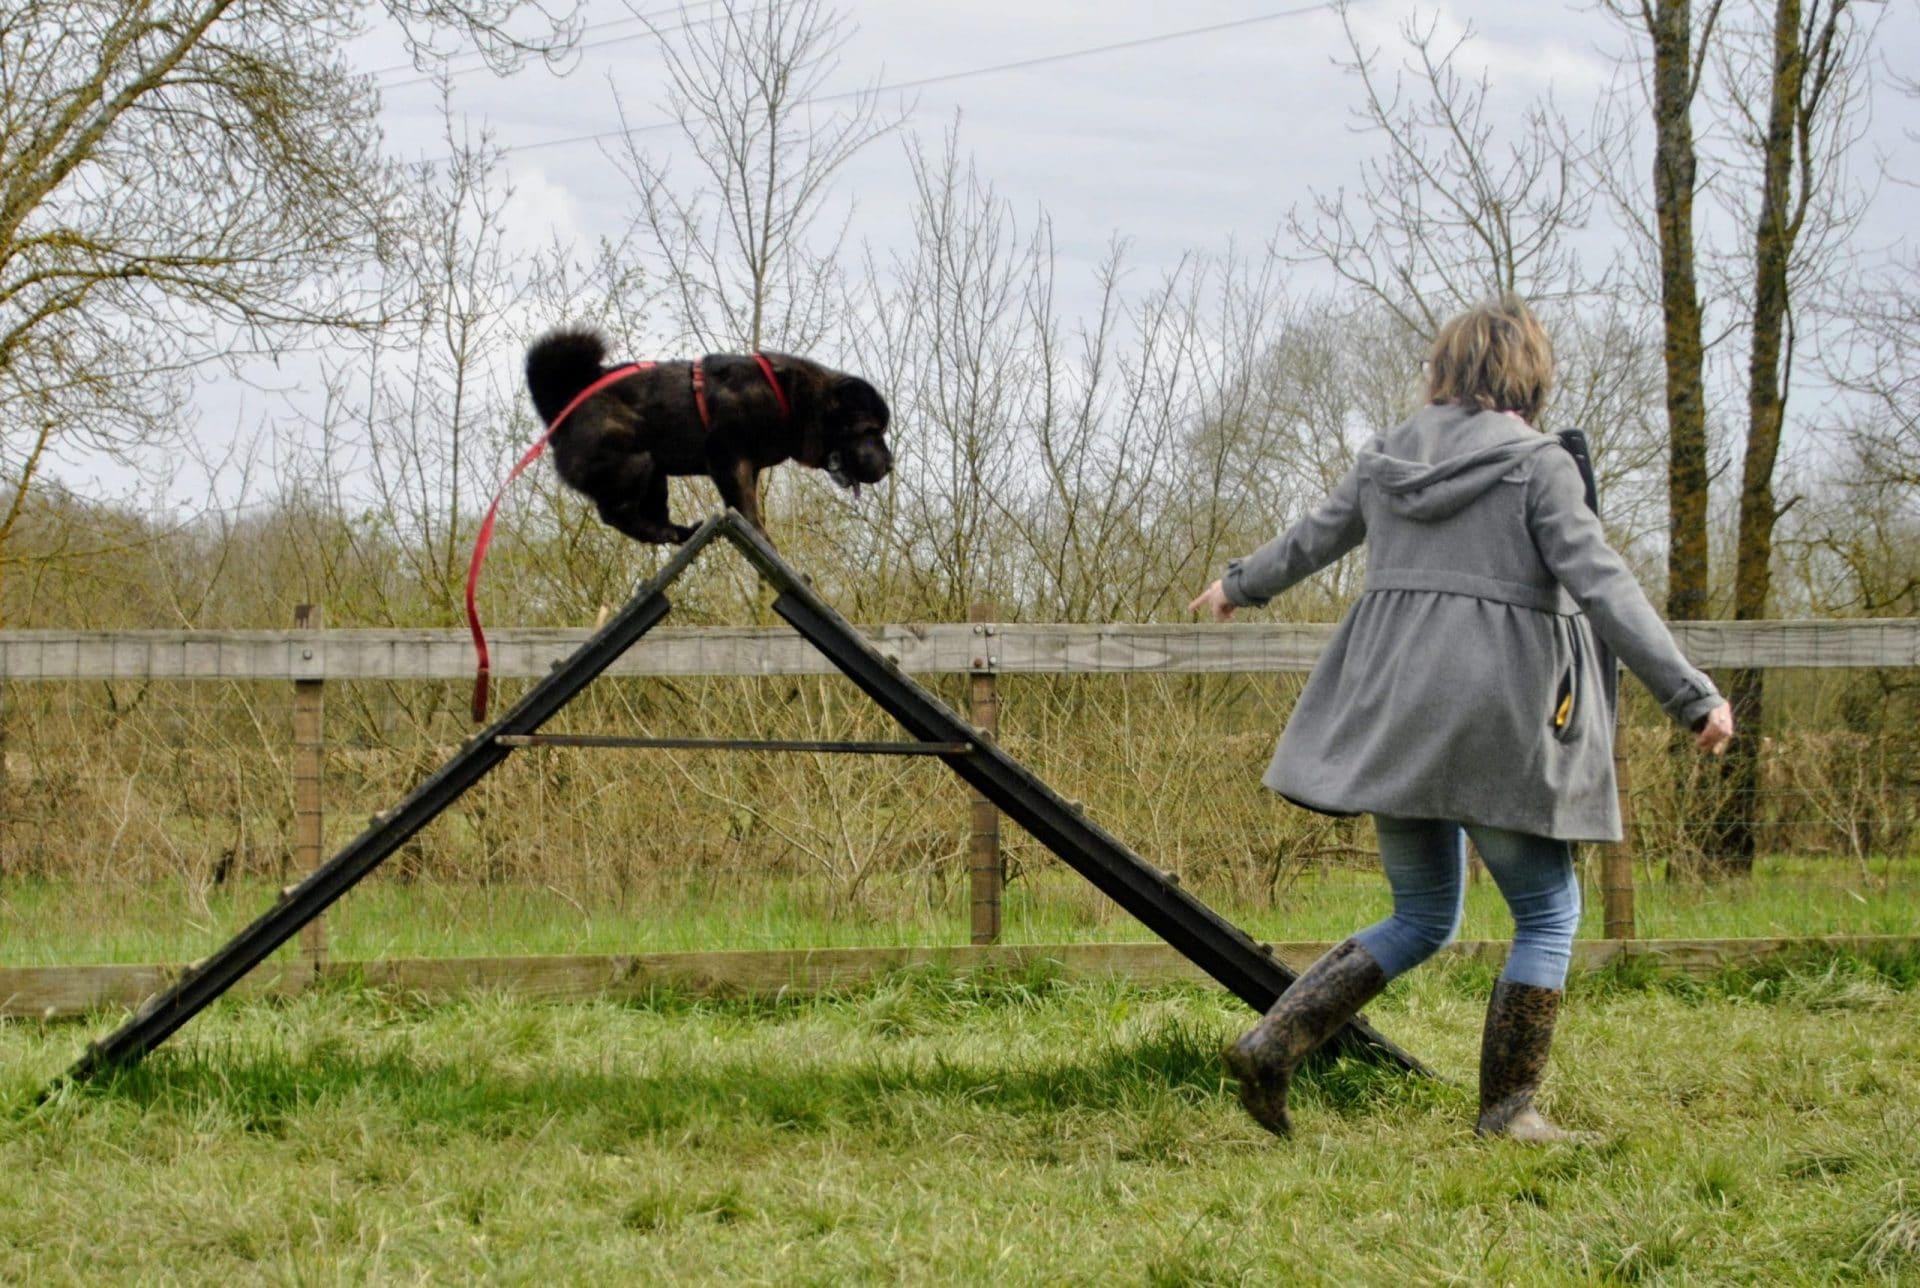 edukachien, aurélie frérou, education canine, comportementaliste canin, 44.49.85.53, agility 2